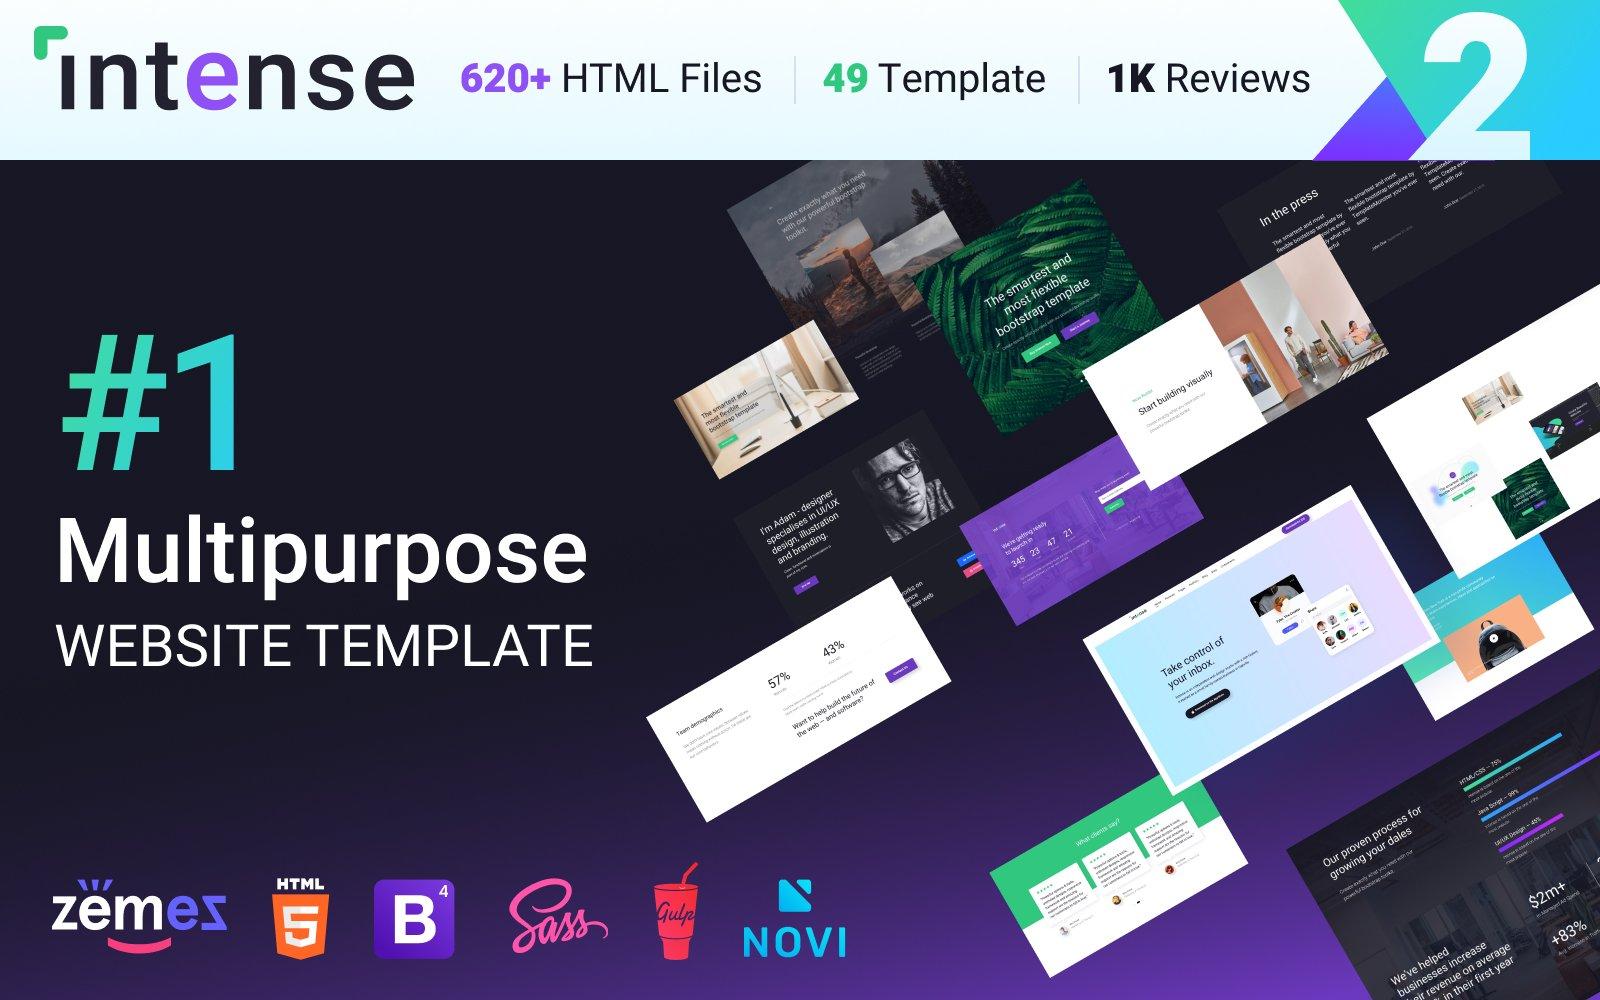 Multipurpose Website Template Intense - #1 HTML Bootstrap Template Web №58888 - screenshot